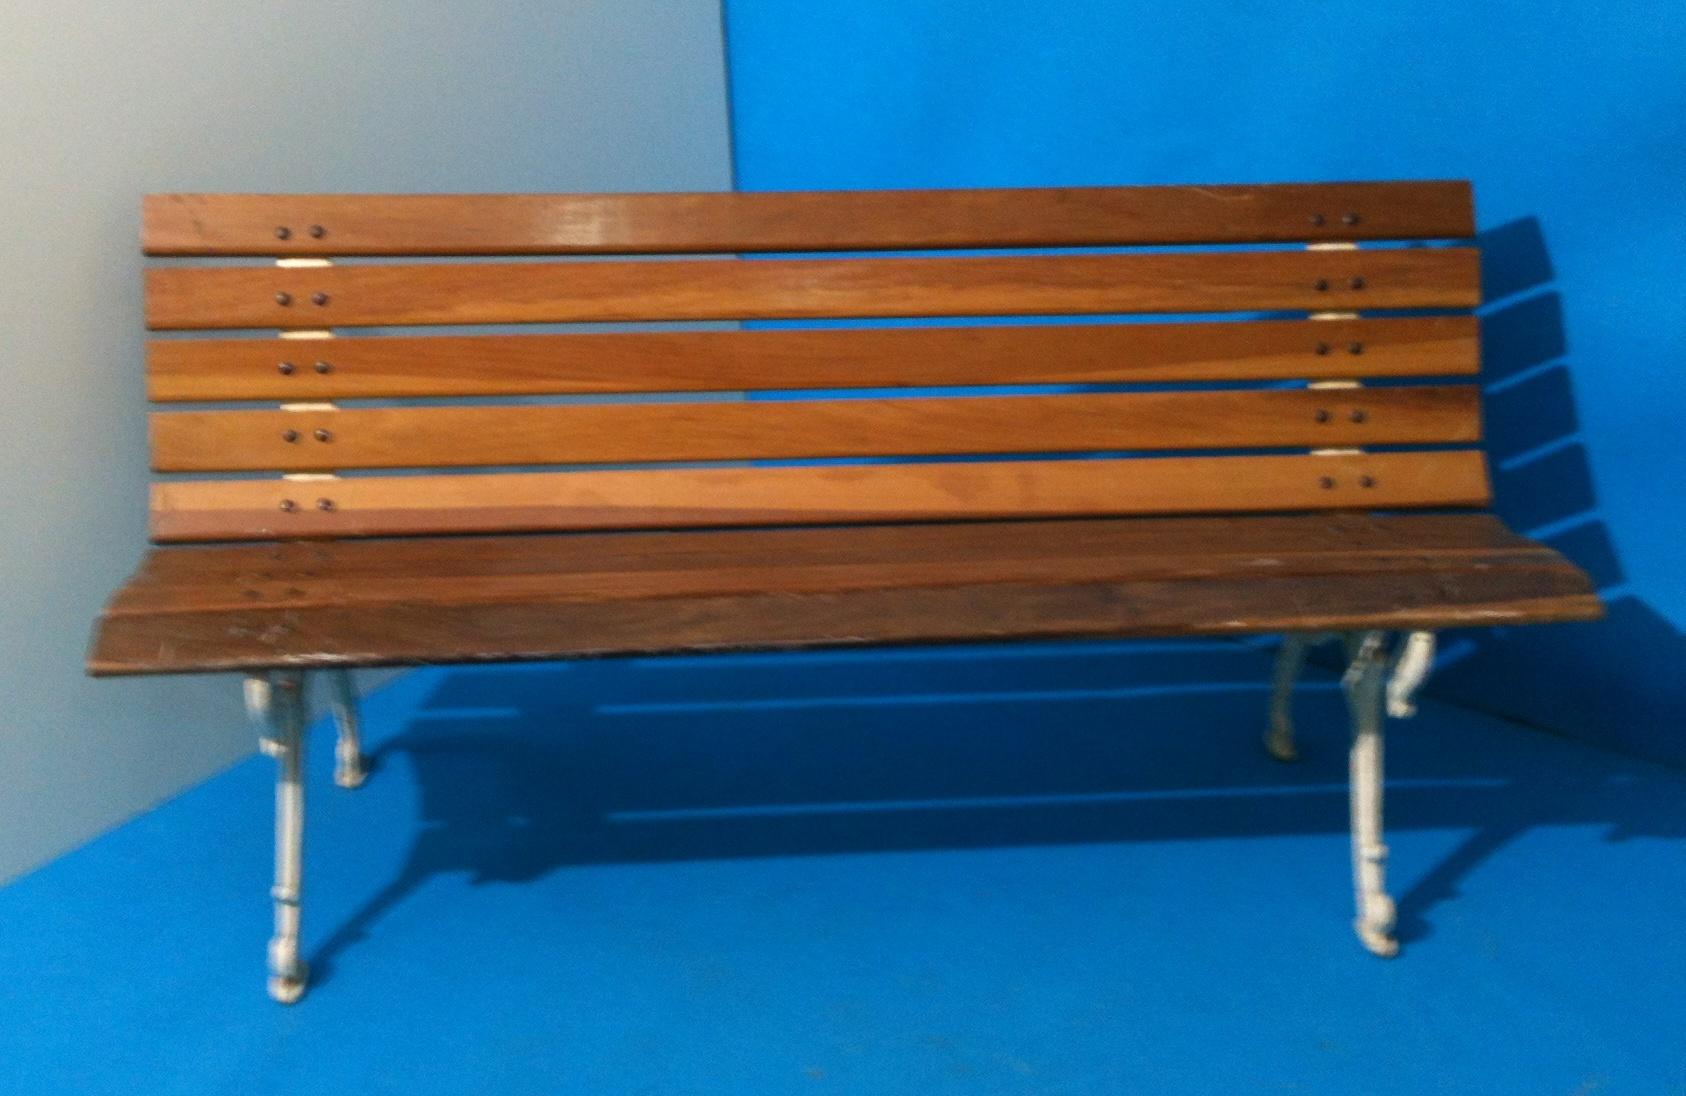 Banco de jardim modelo namoradeira de madeira e ferro #027CC7 1686x1096